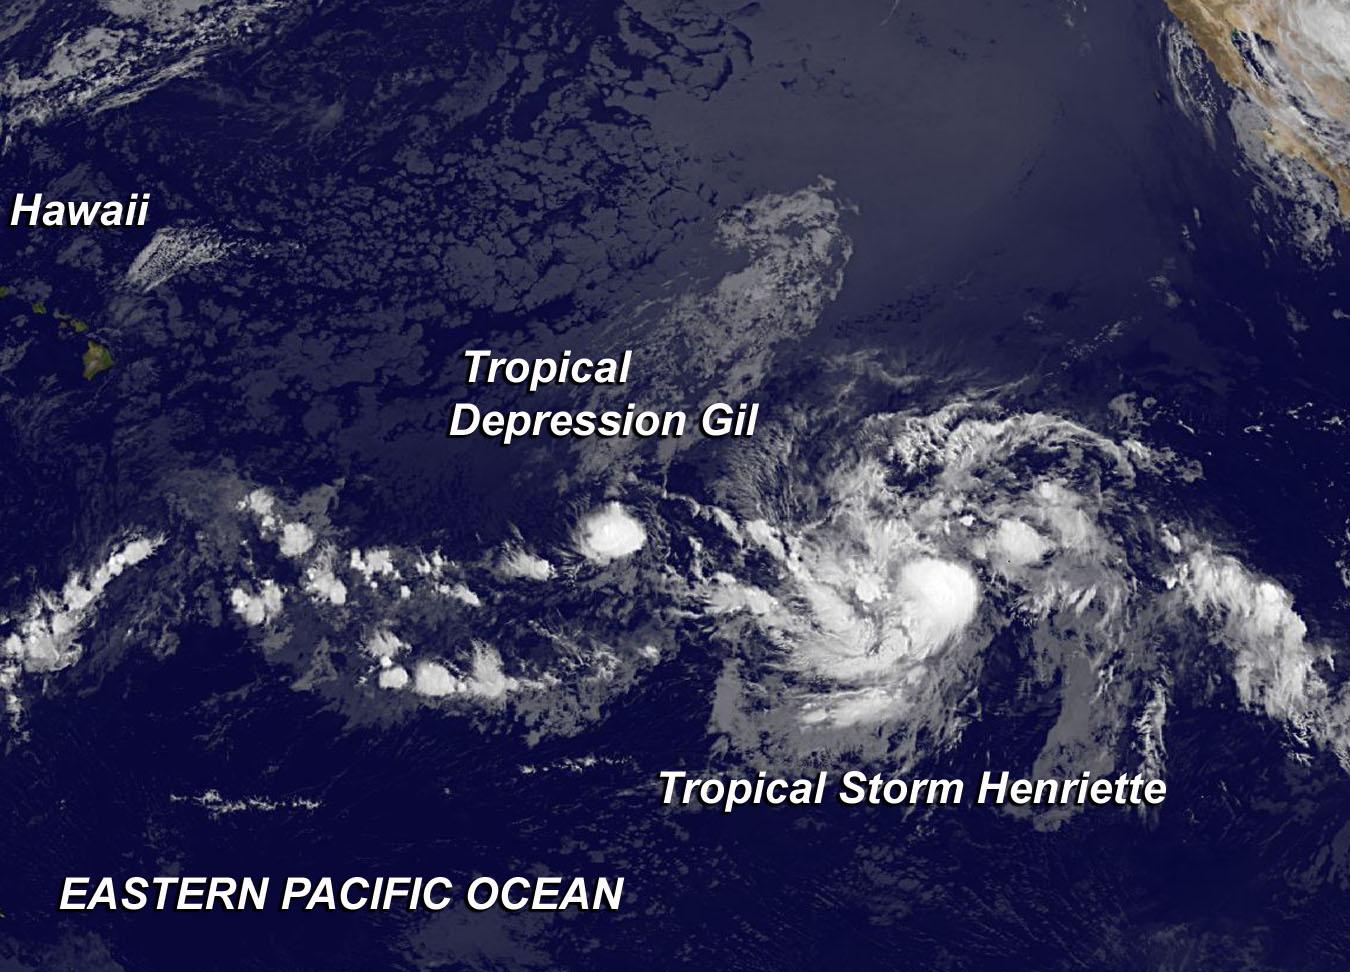 tropical depression gil, tropical storm henriette